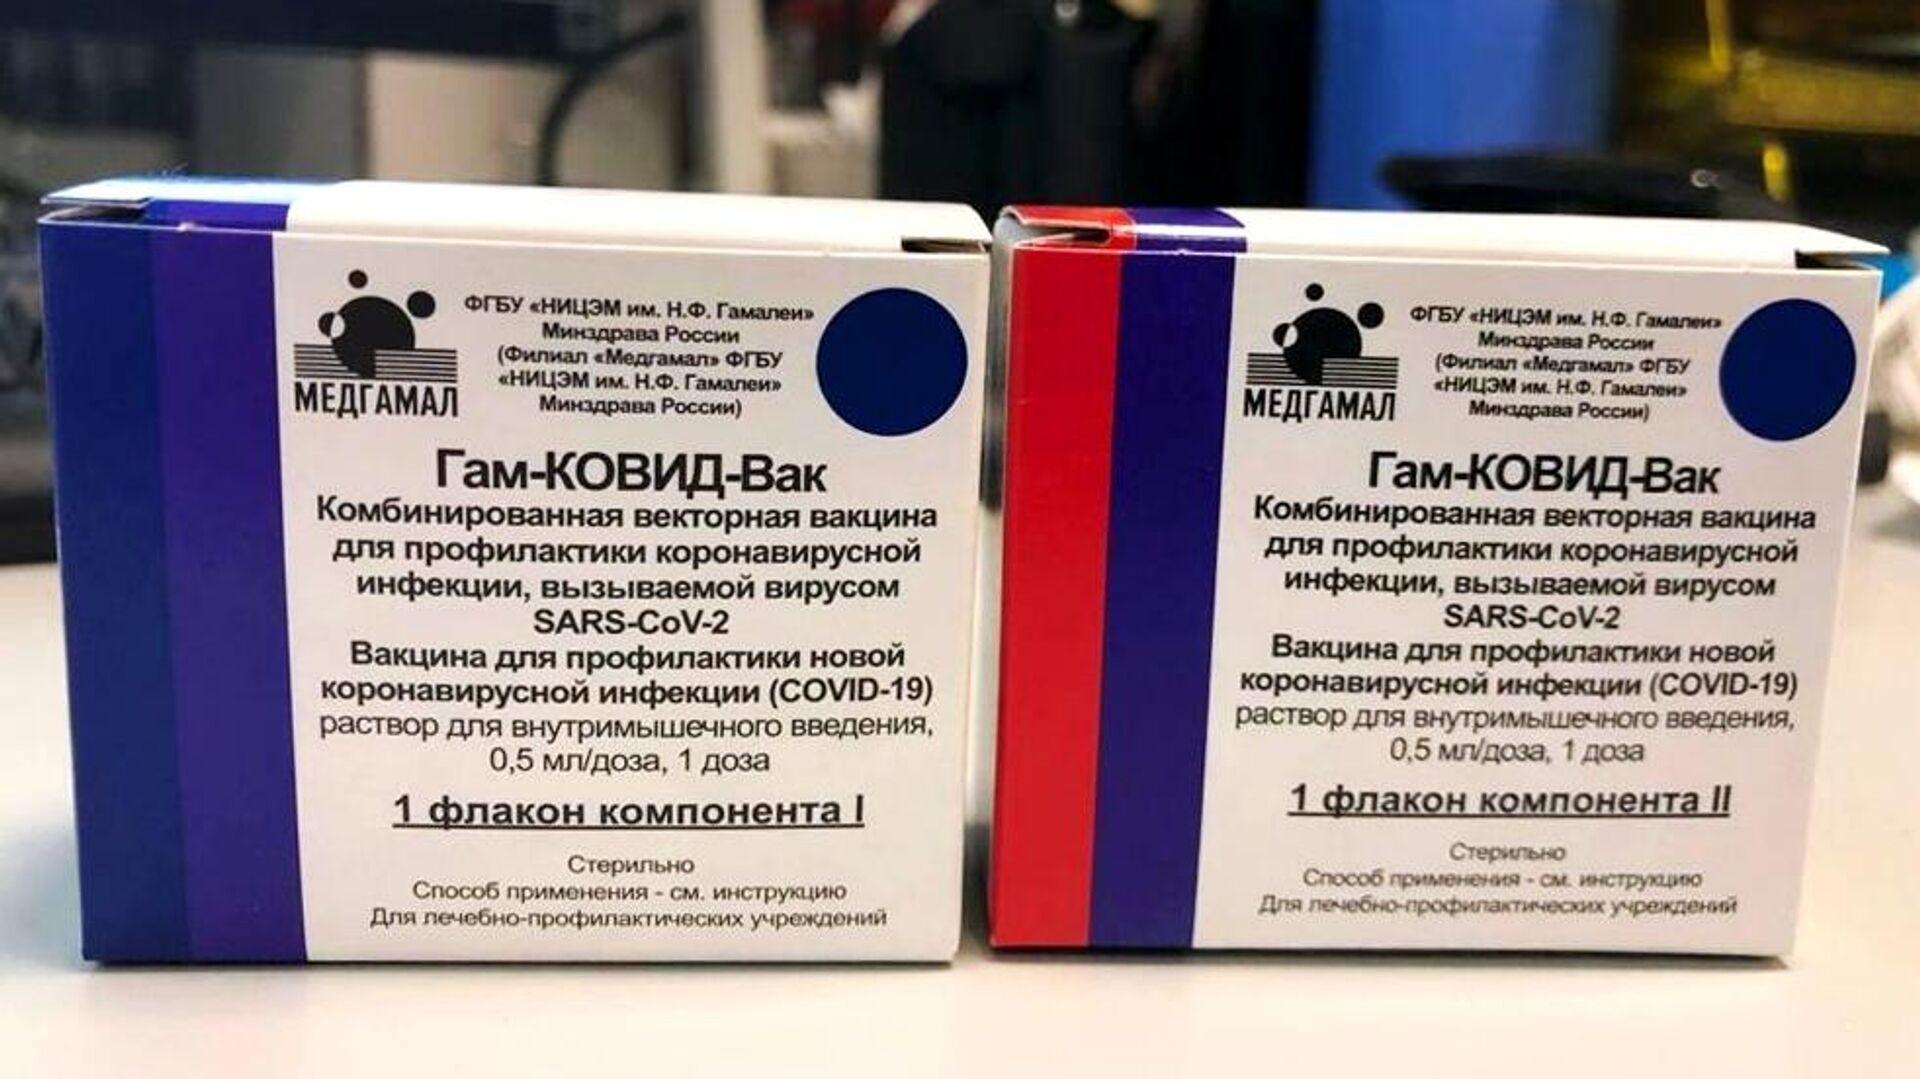 Упаковка первой в мире зарегистрированной вакцины от коронавируса COVID-19 Гам-КОВИД-Вак, разработанной Национальным центром эпидемиологии и микробиологии имени Н. Гамалеи - РИА Новости, 1920, 21.10.2020